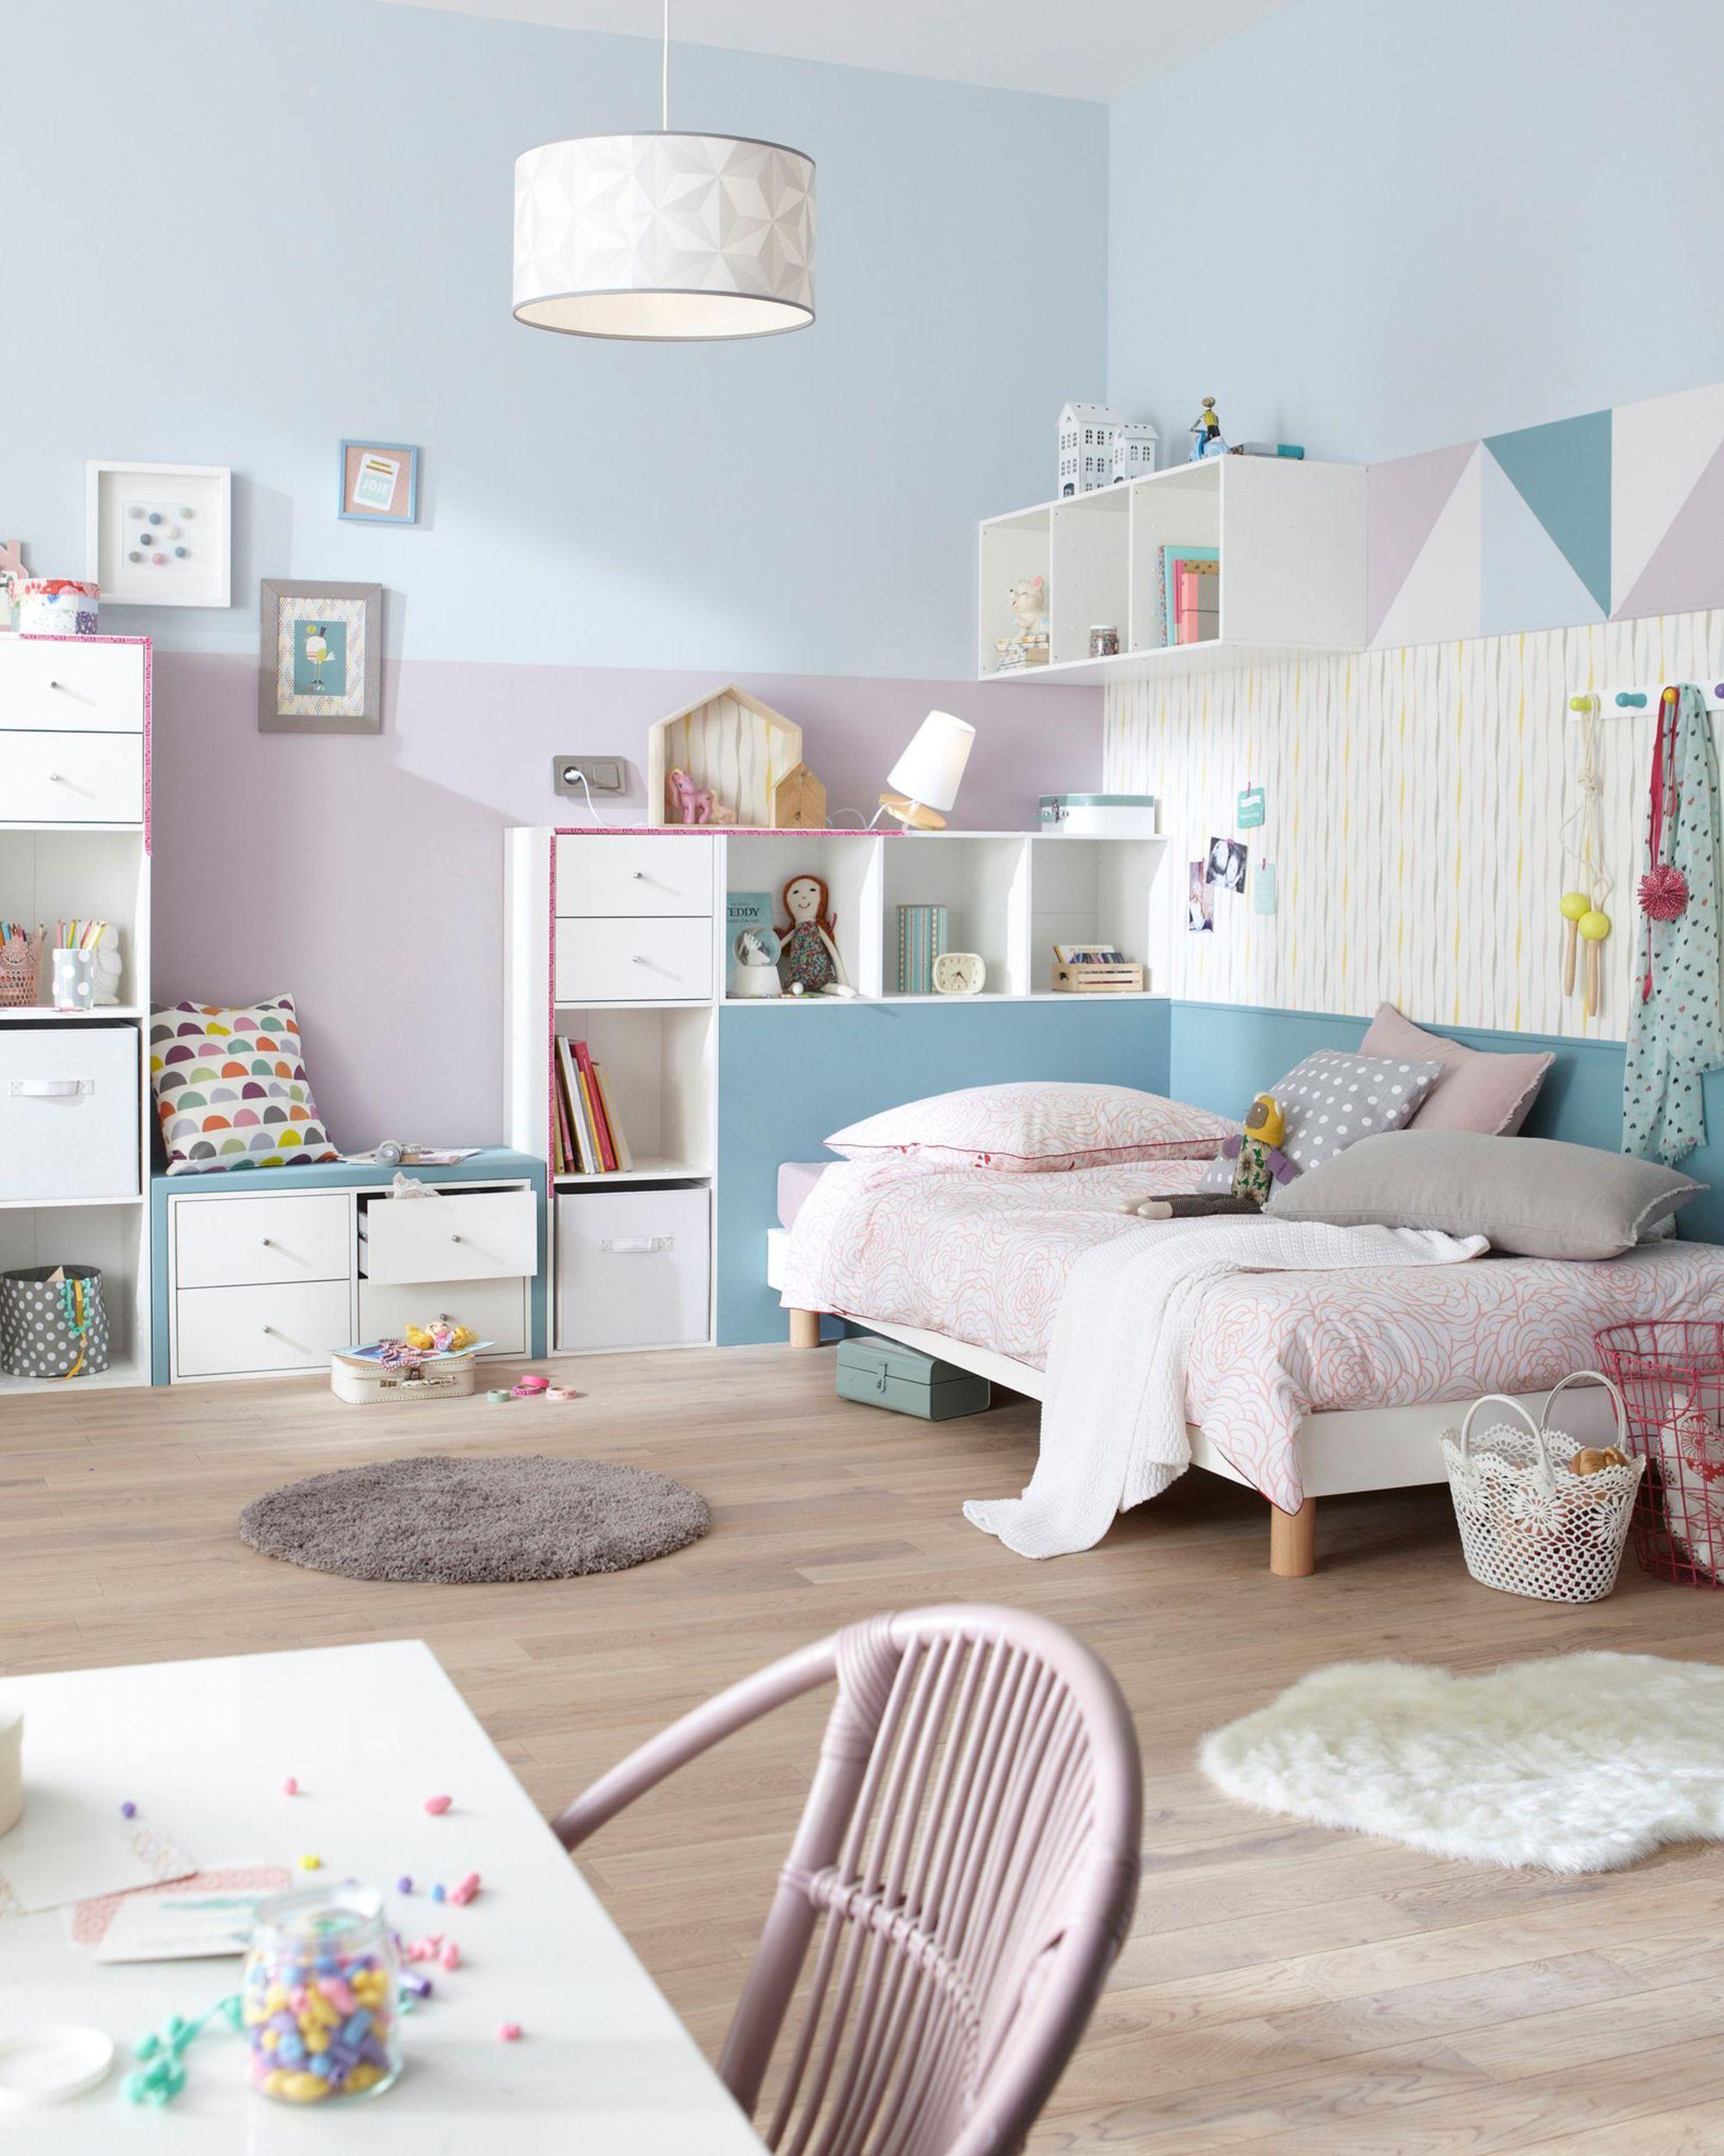 Peinture couleur 14 teintes tendance pour tout relooker mobilier d co chambre deco for Tendance deco chambre